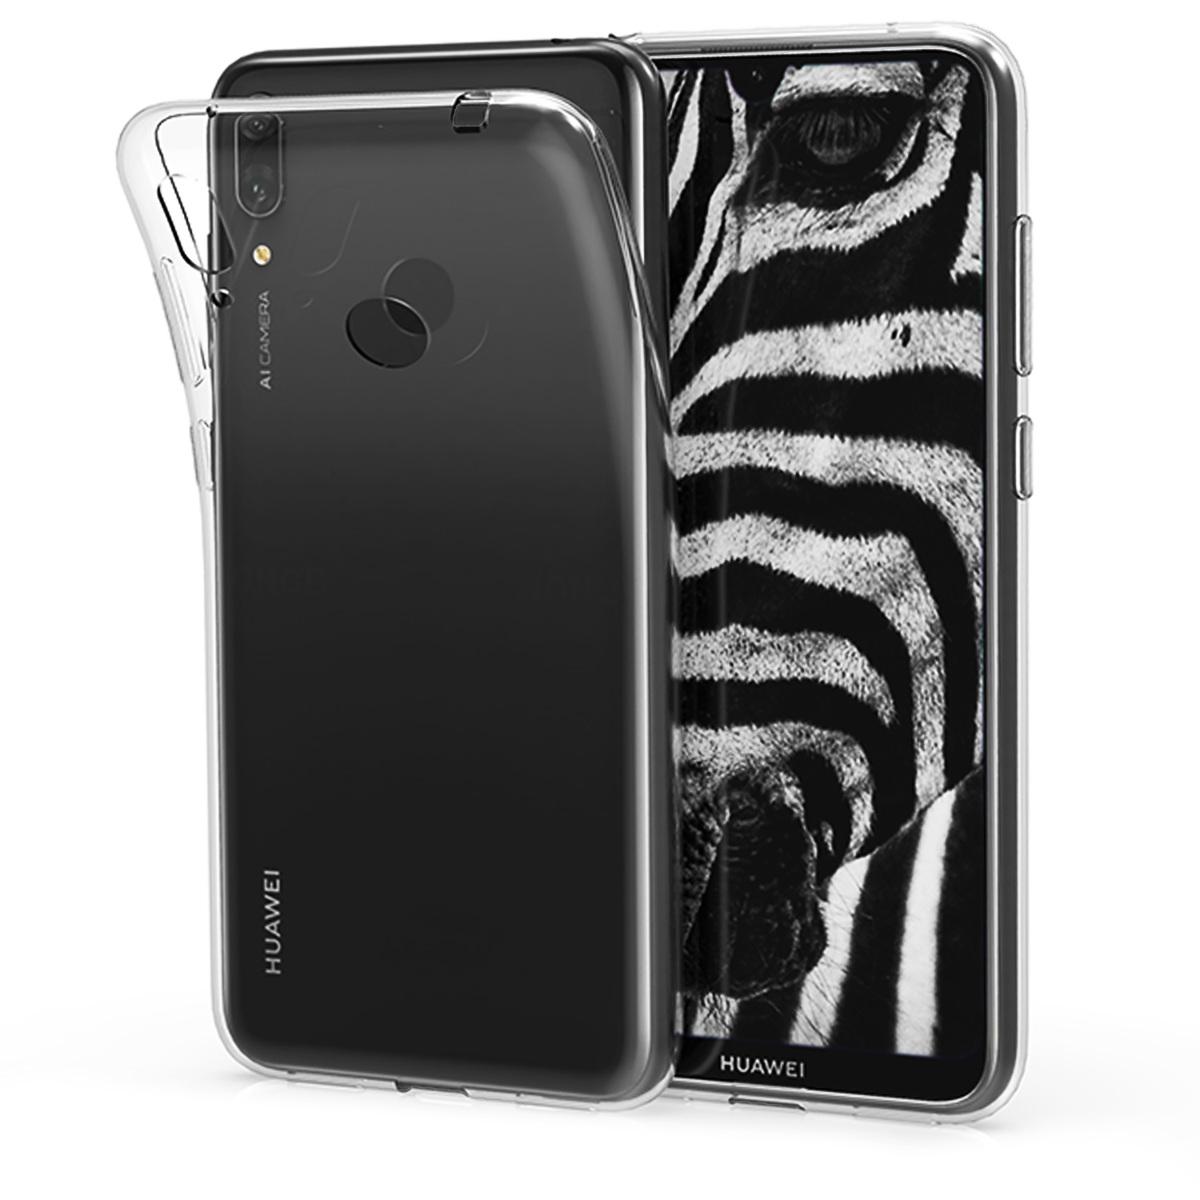 KW Θήκη Σιλικόνης Huawei Y7 (2019) / Y7 Prime (2019) - Soft Flexible TPU - Transparent (47658.03)